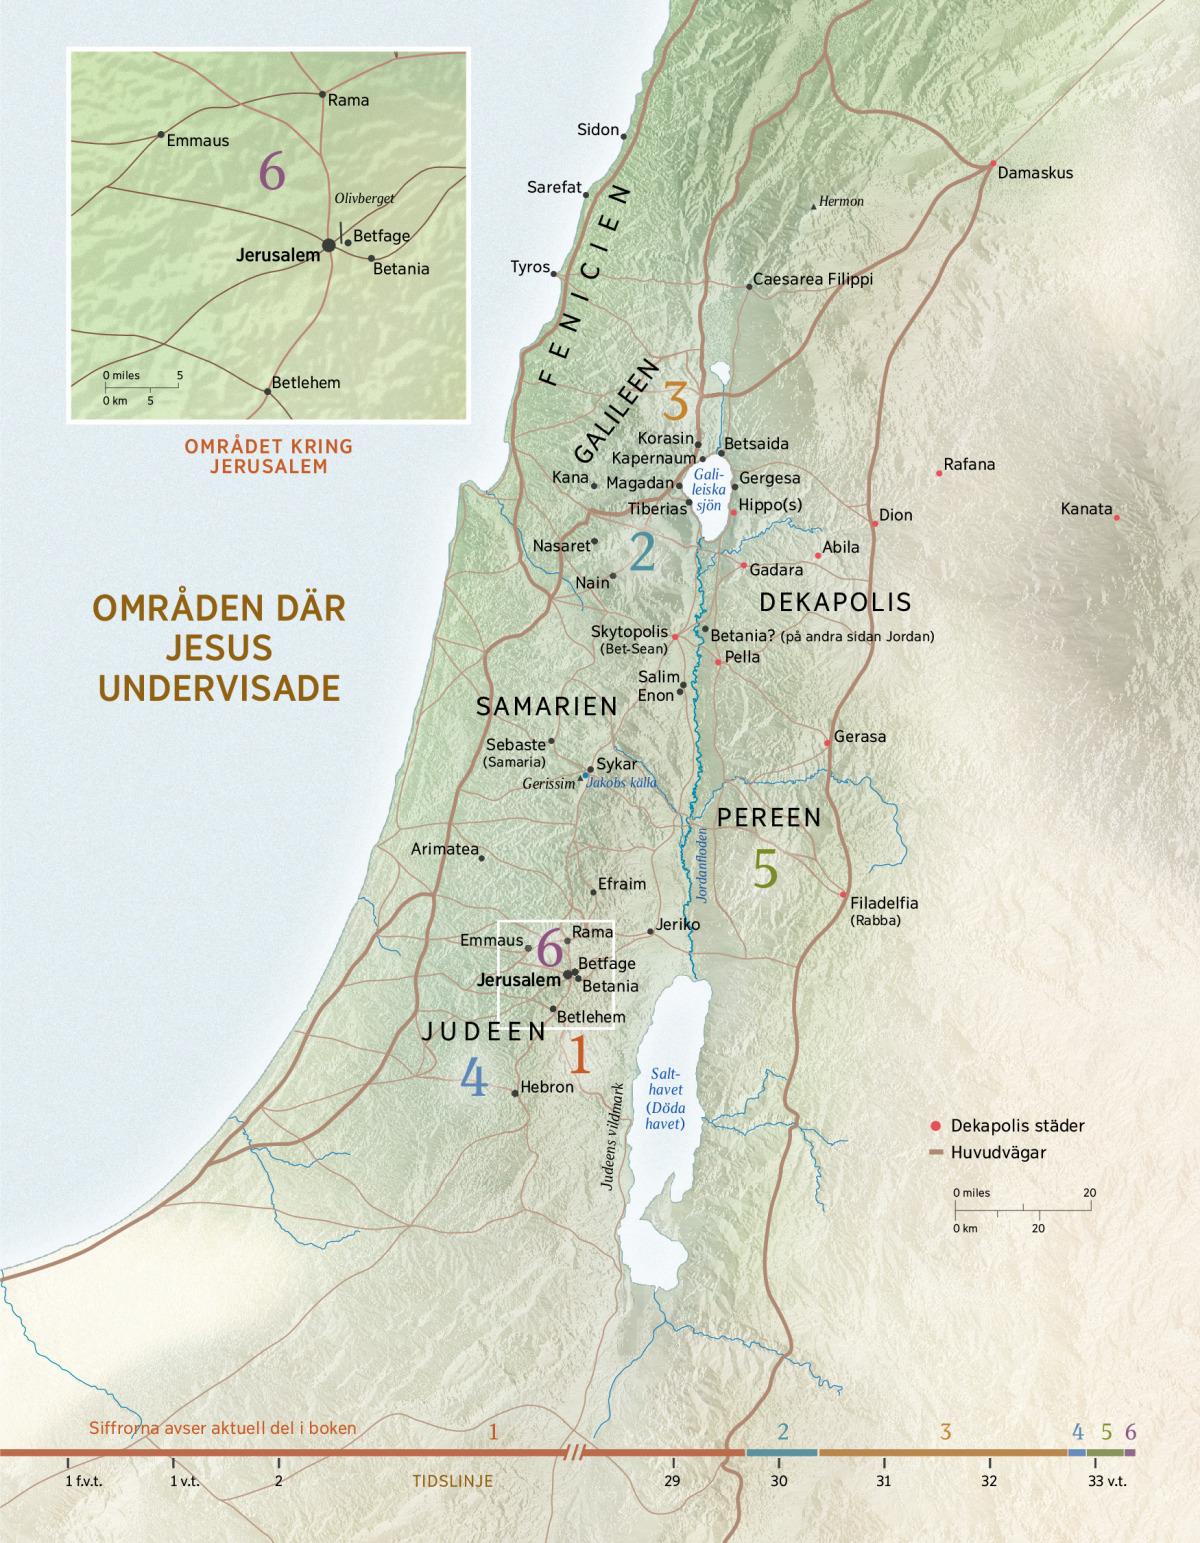 karta över israel på jesu tid En karta över de områden där Jesus höll till och undervisade  karta över israel på jesu tid